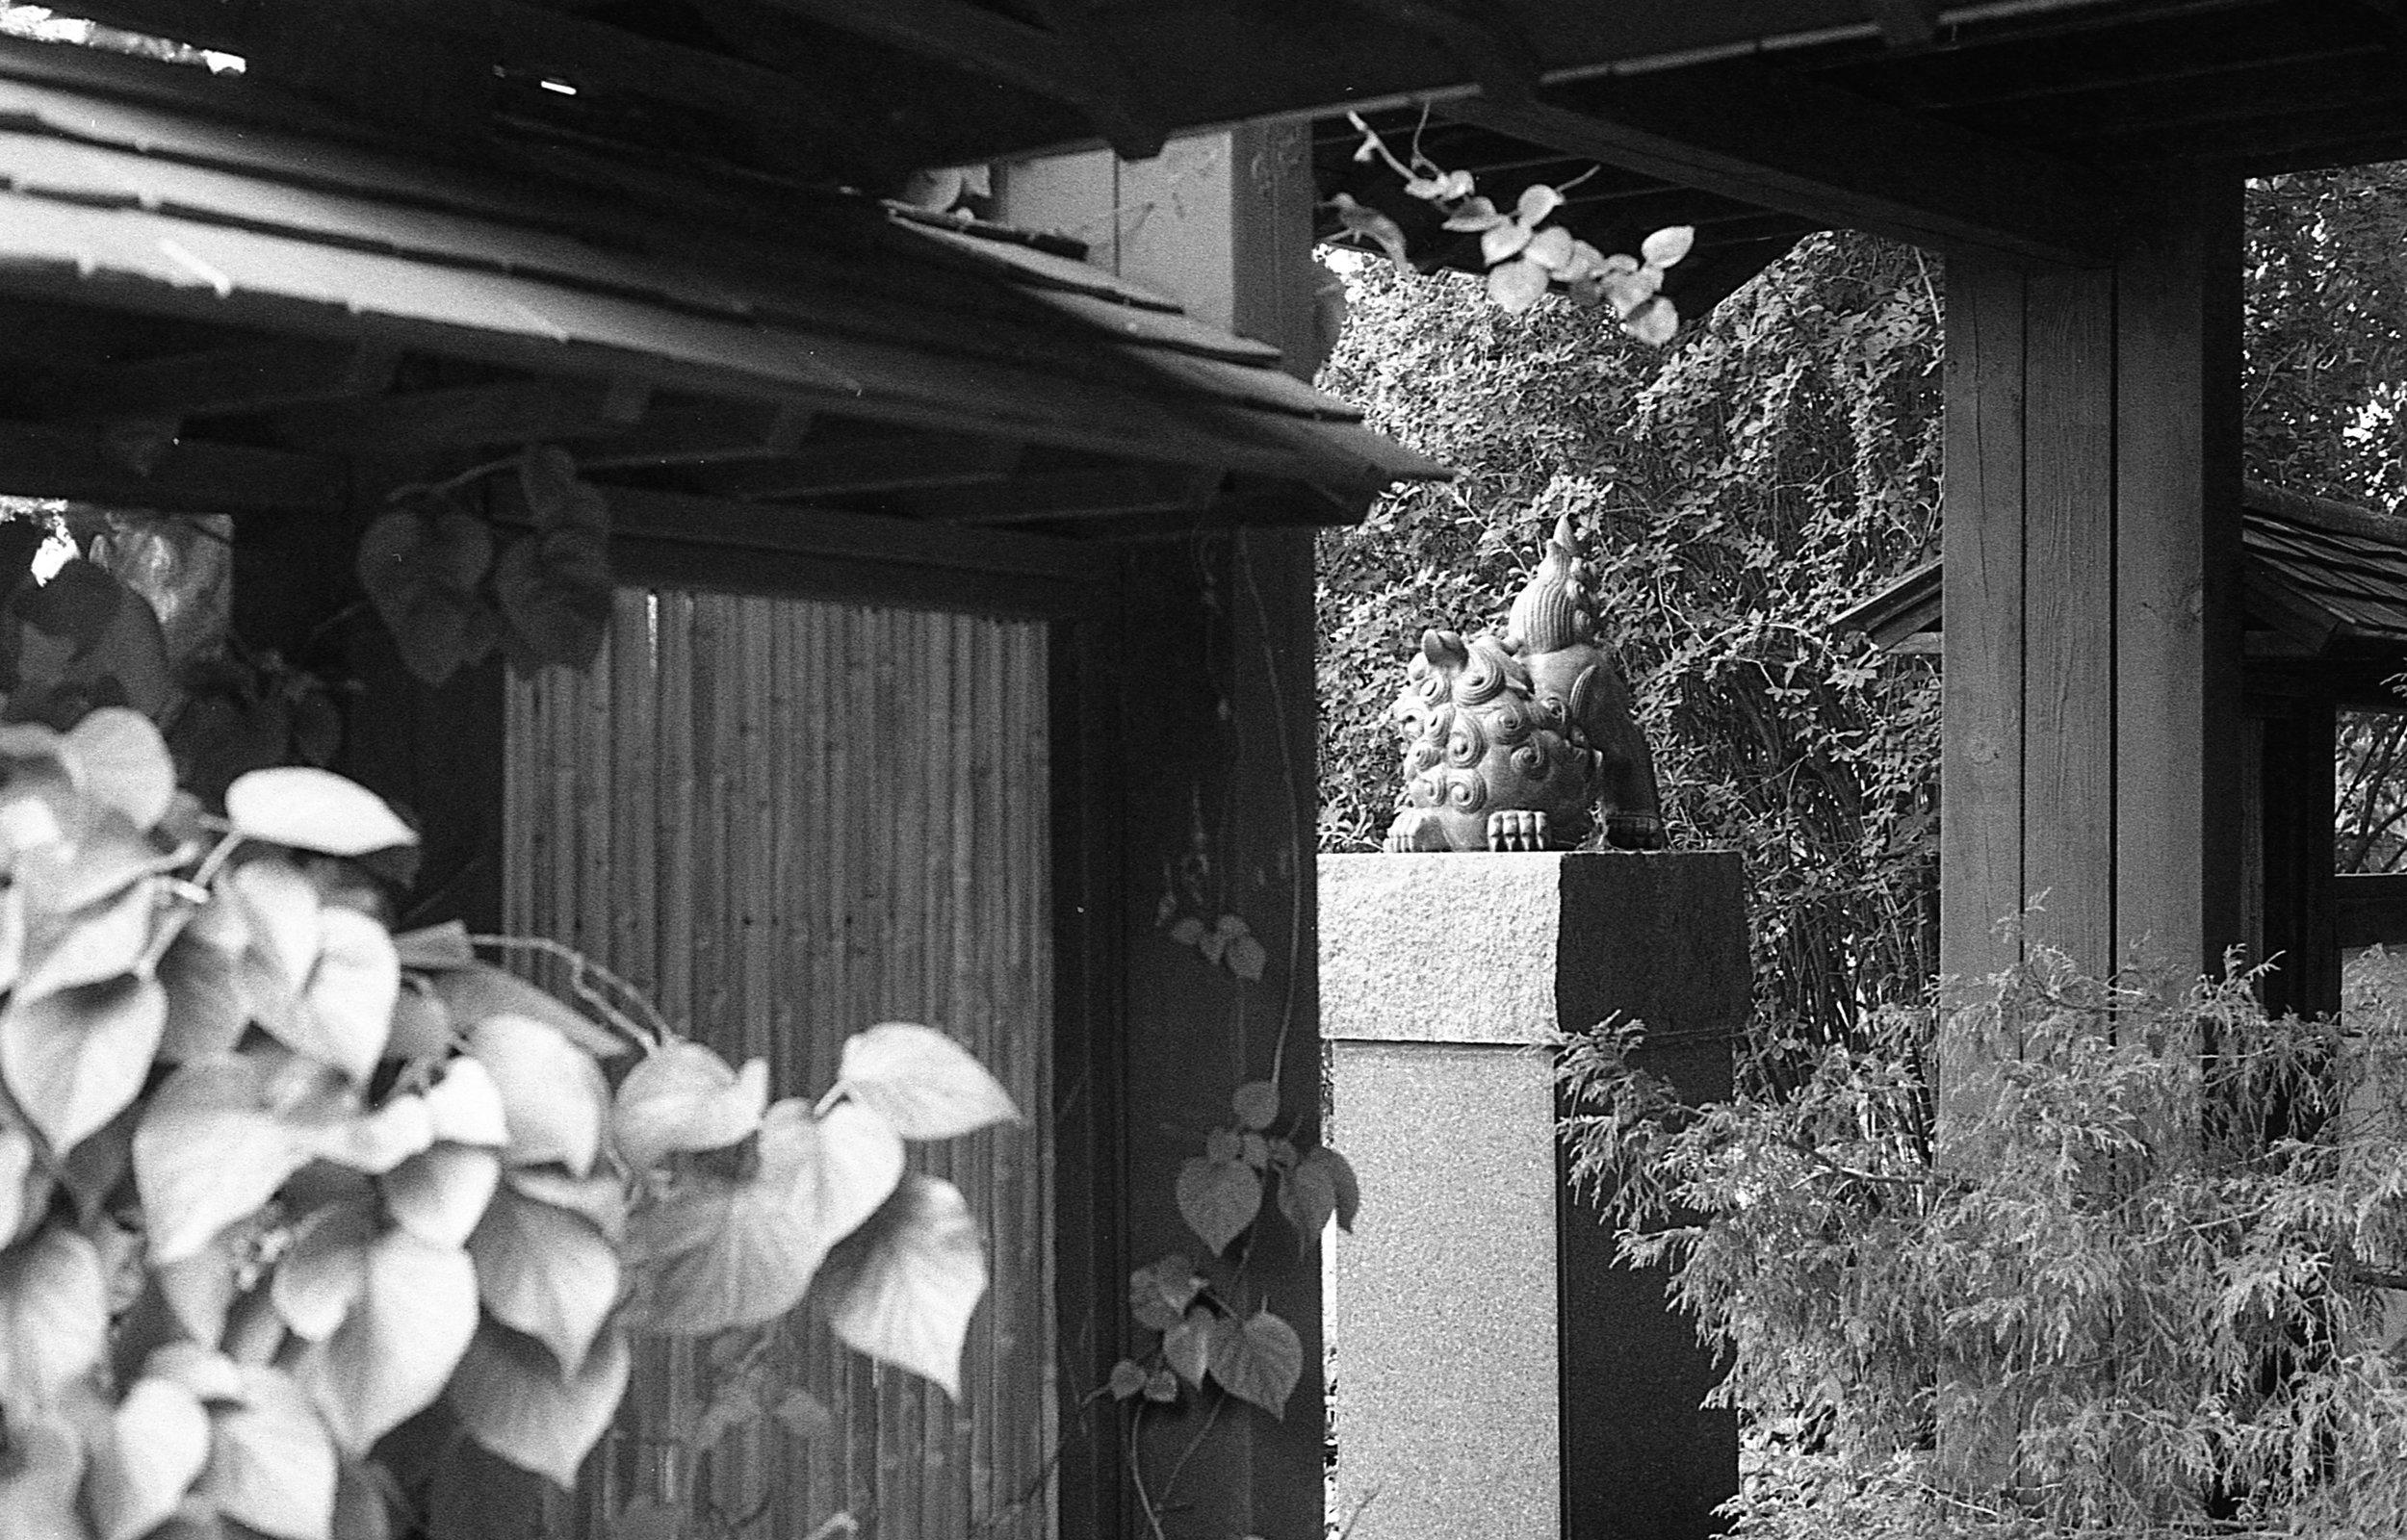 1981 Minolta X-700 Photo 35mm Film Zoe Kissel MSU Campus East Lansing Garden